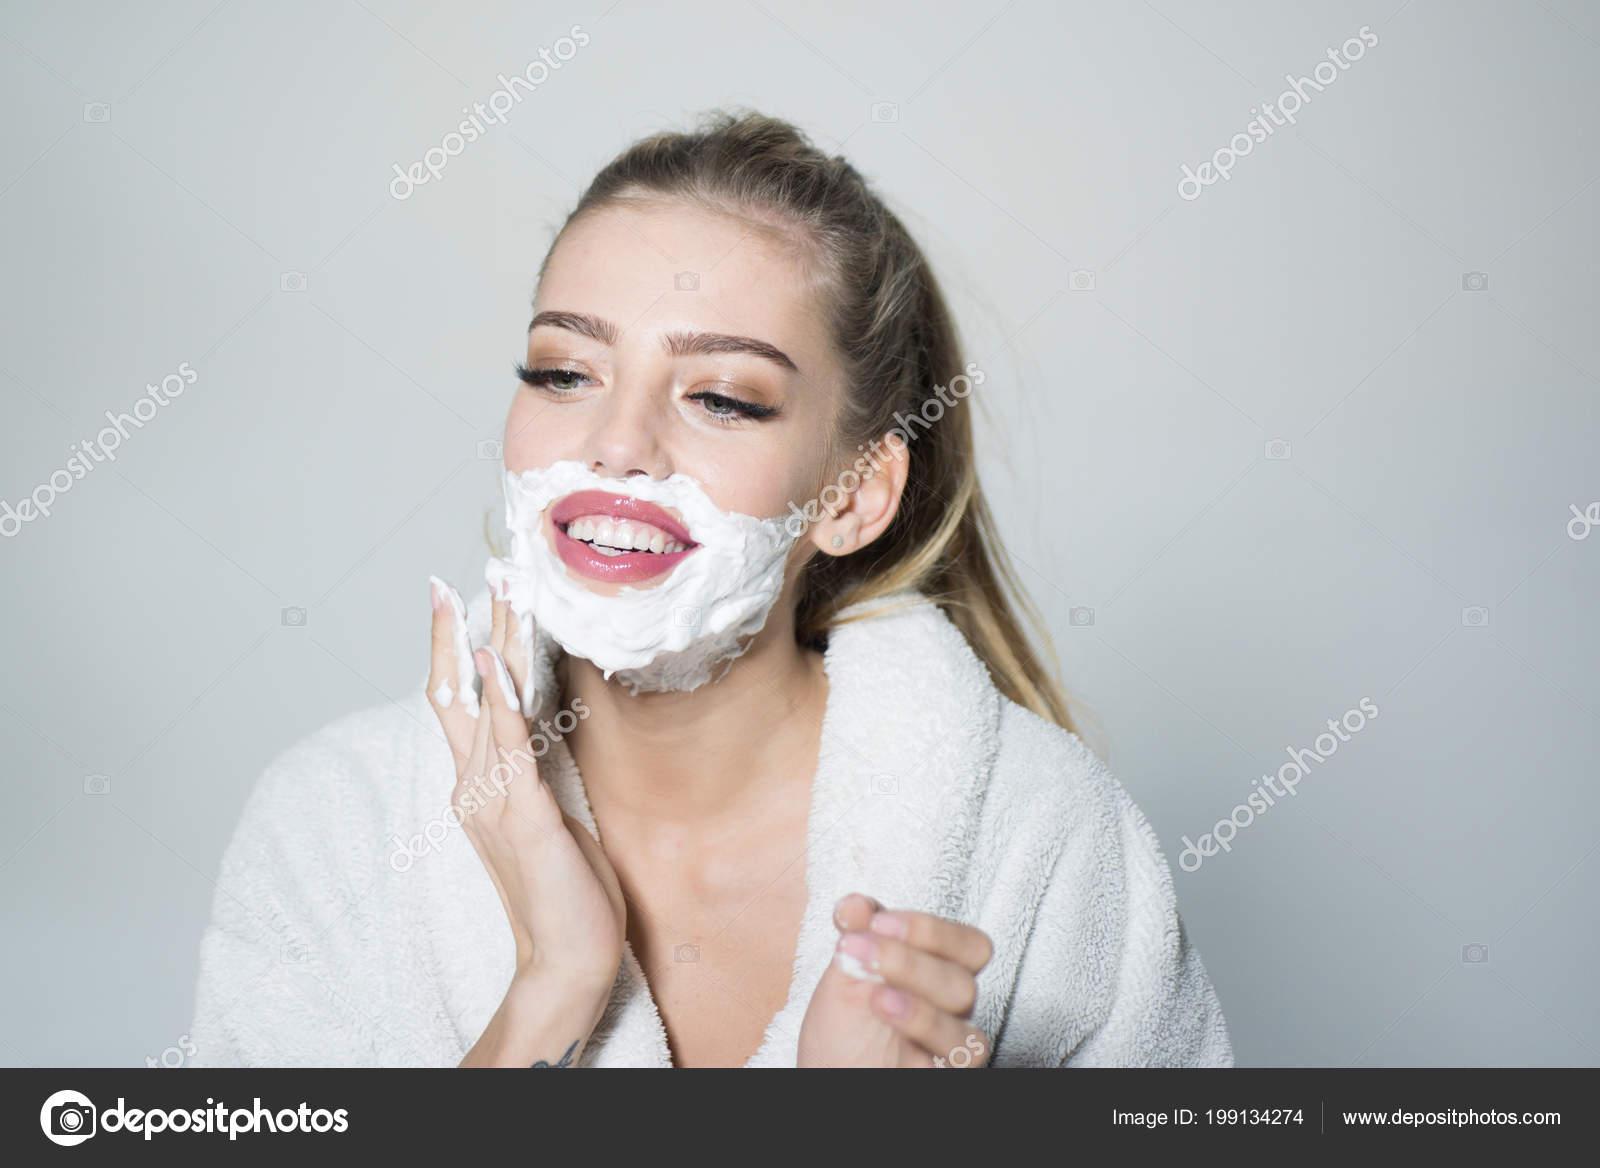 3b1c7350d98cee Mädchen auf lächelndes Gesicht im Bademantel für Gesicht mit Schaum  rasieren, grauen Hintergrund. Hautpflege und Rasieren Konzept. Frau mit  Gesicht bedeckt ...